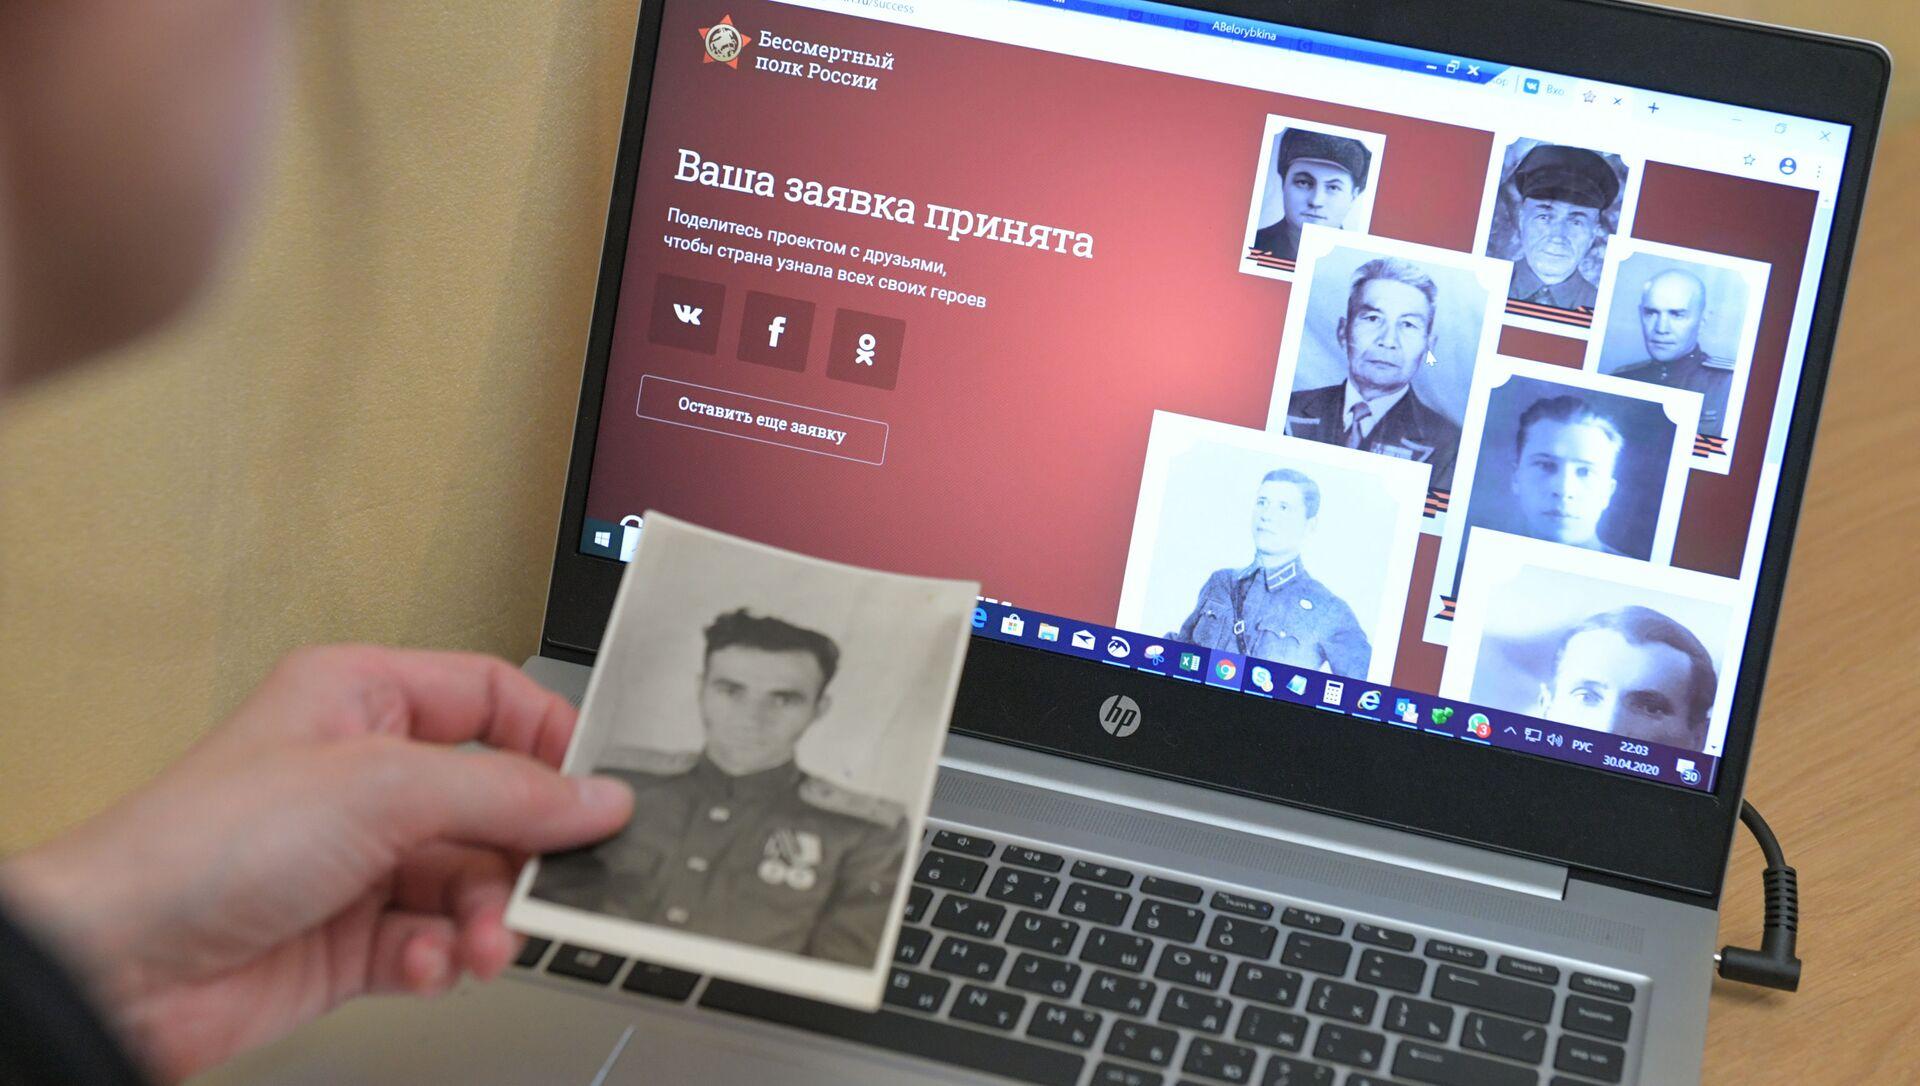 Жительница Москвы заполняет заявку для участия в акции Бессмертный полк онлайн  - Sputnik Азербайджан, 1920, 09.05.2021